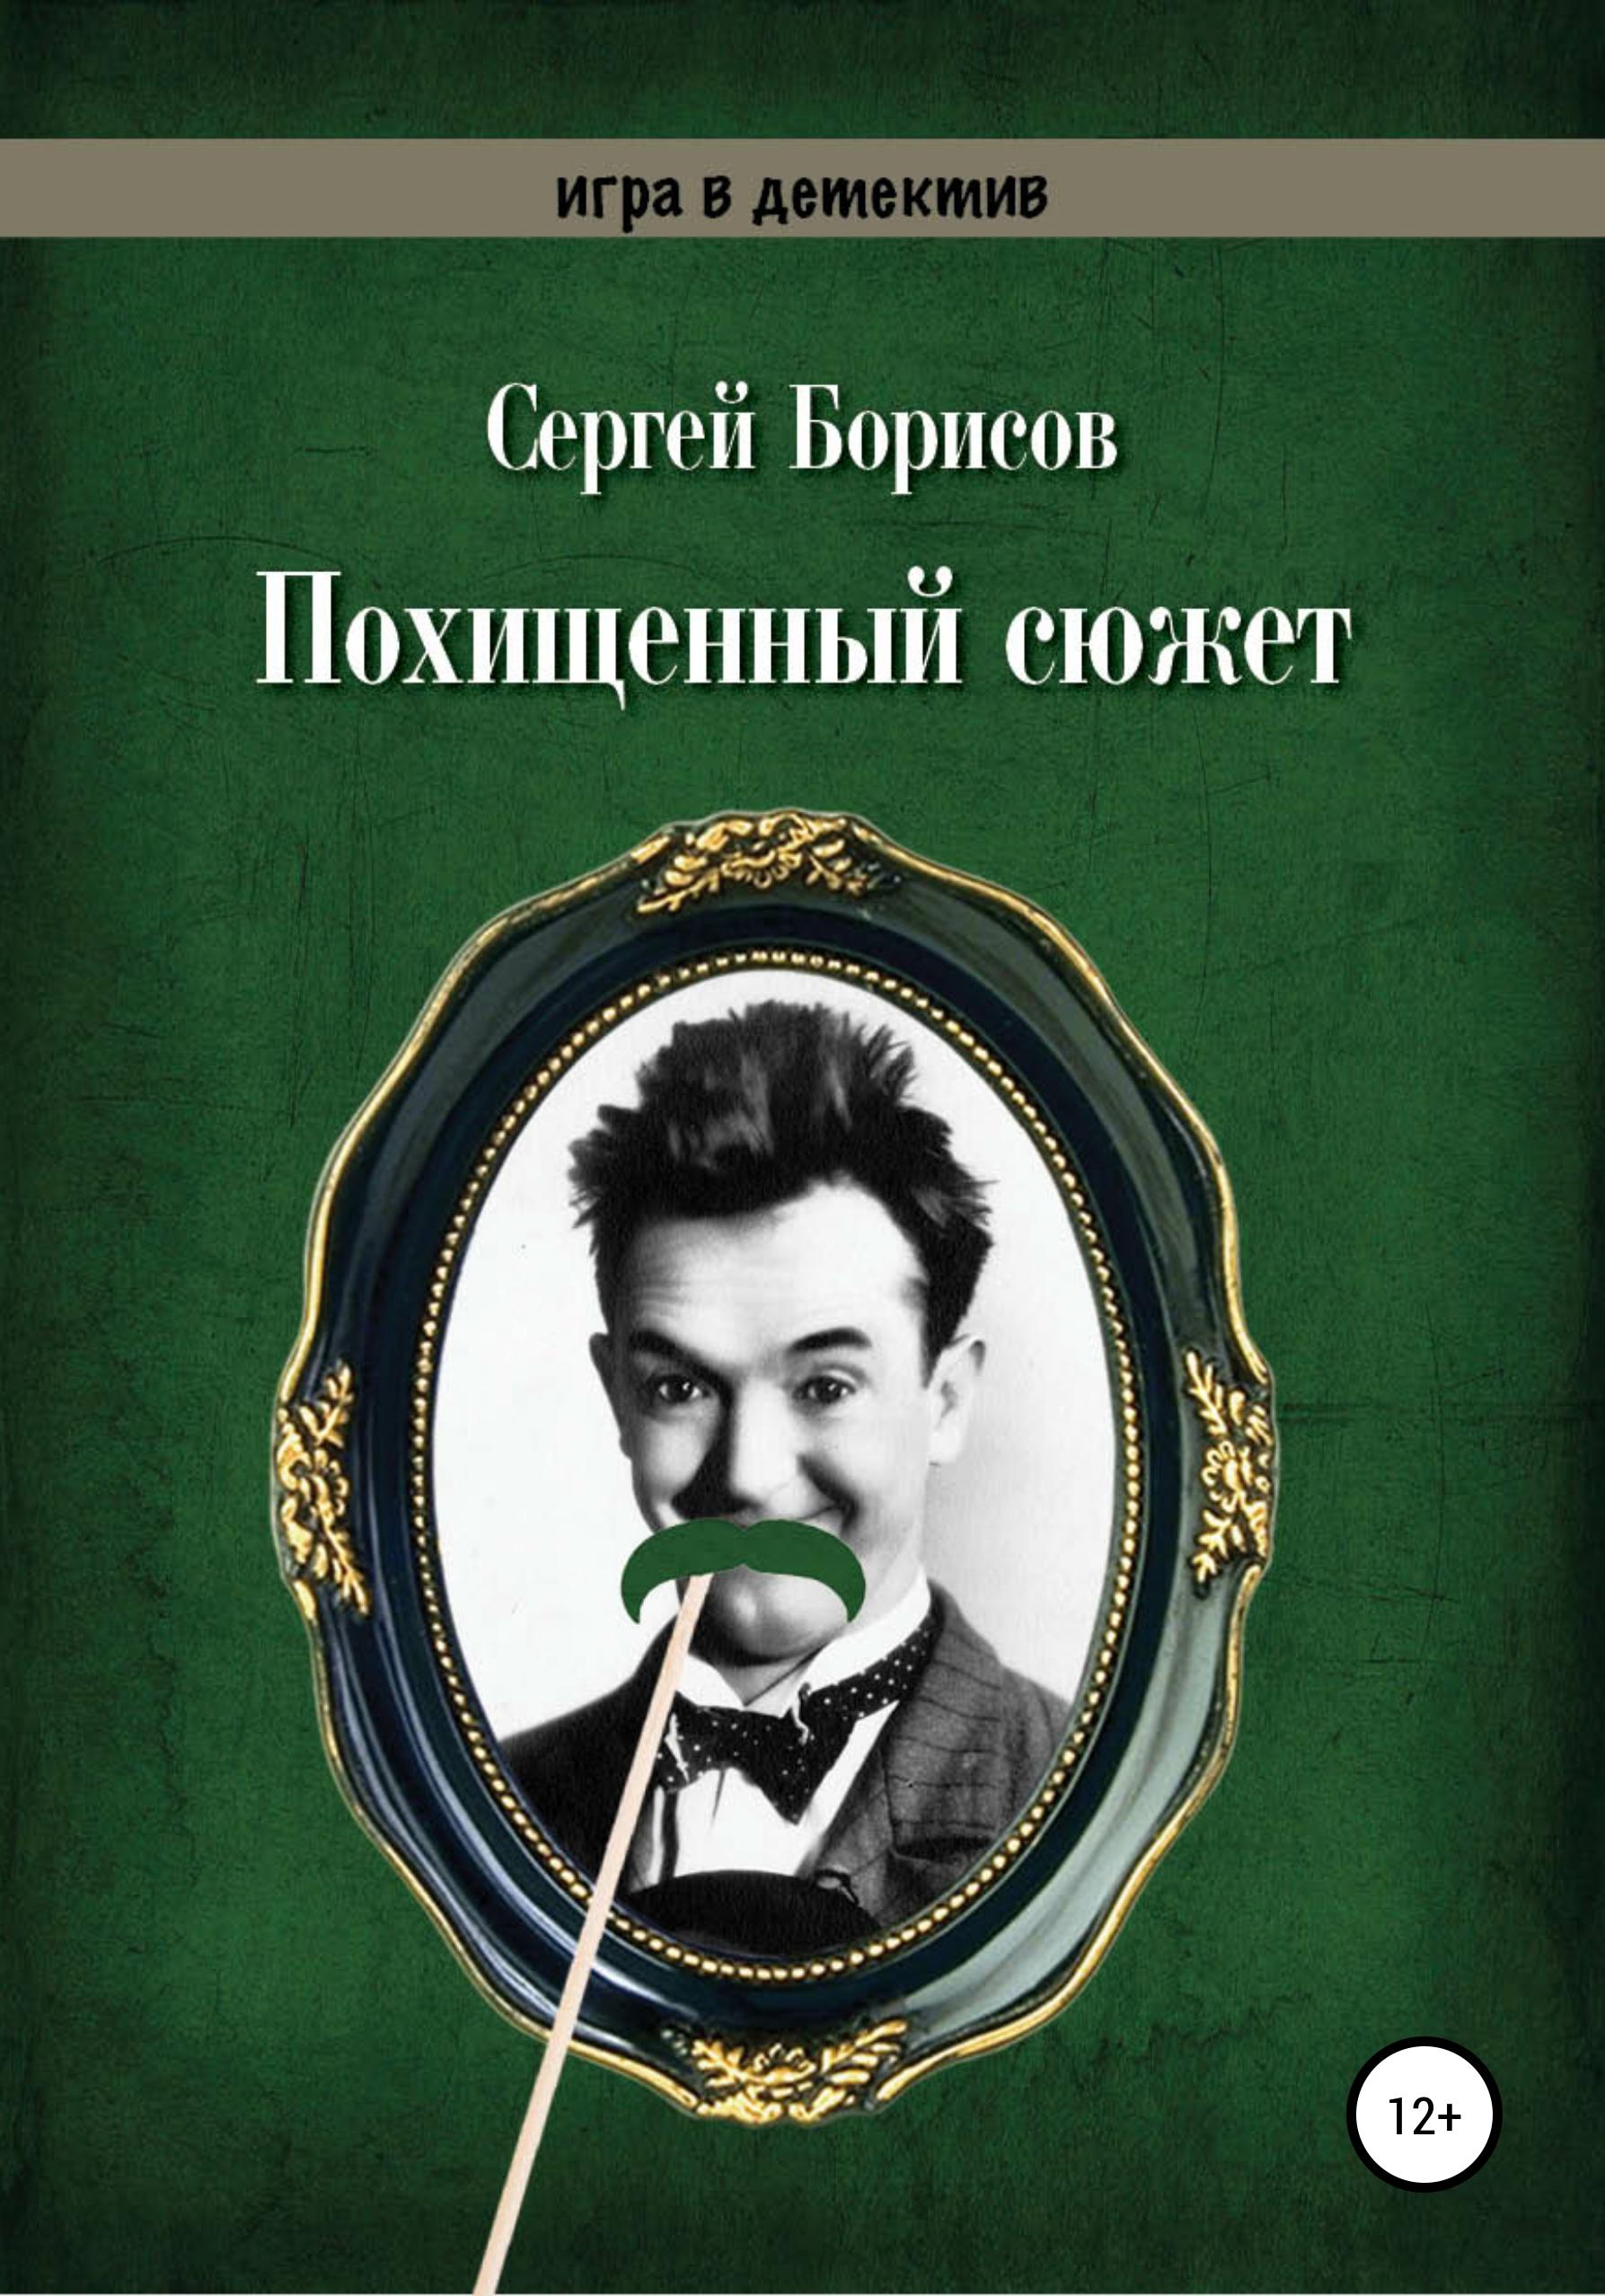 Купить книгу Похищенный сюжет, автора Сергея Юрьевича Борисова